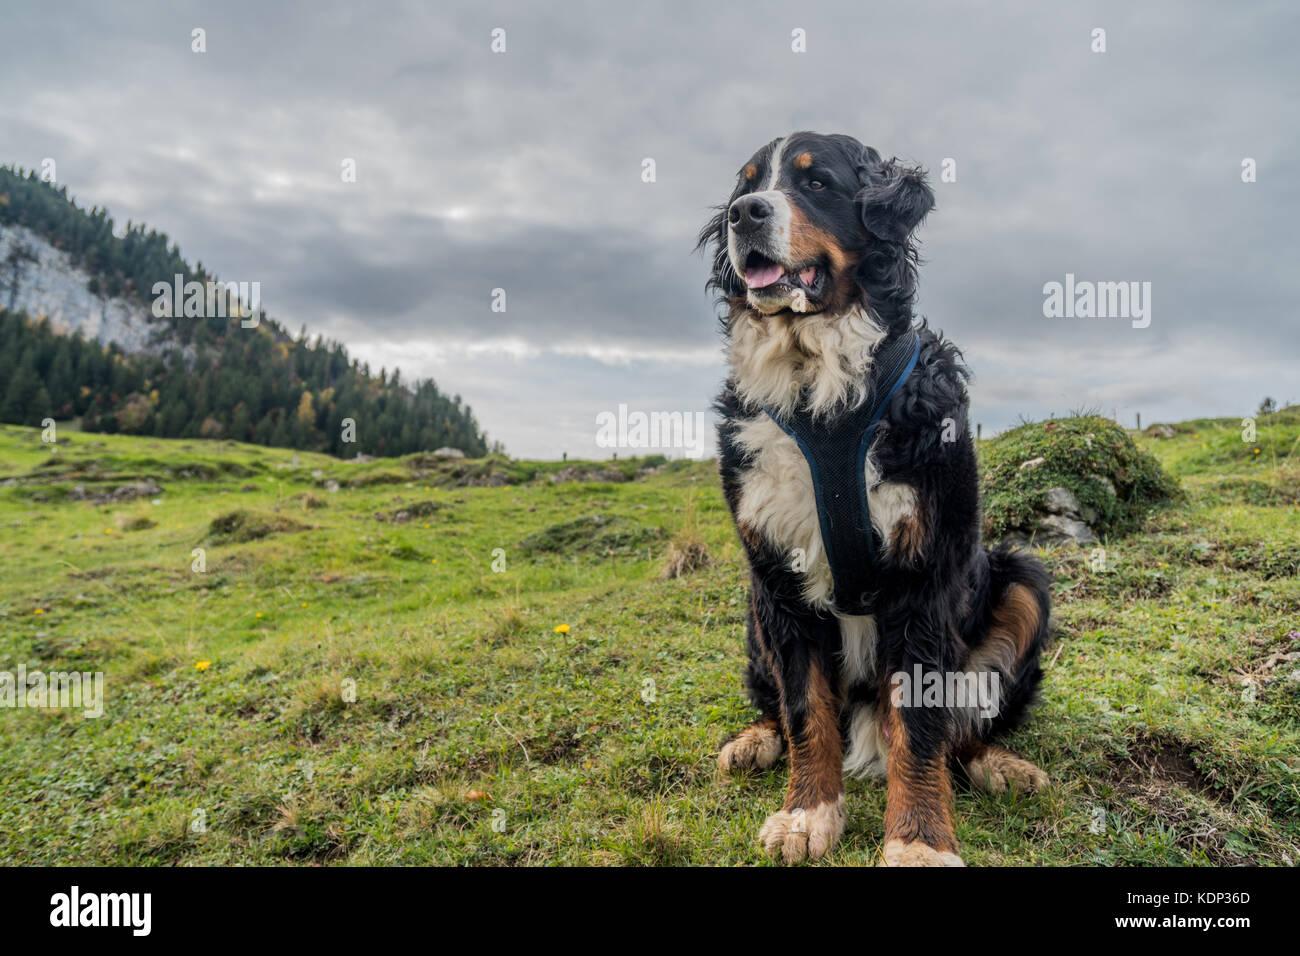 Schönen männlichen Berner Sennenhund in die Region Appenzell der Schweizer Alpen Stockbild